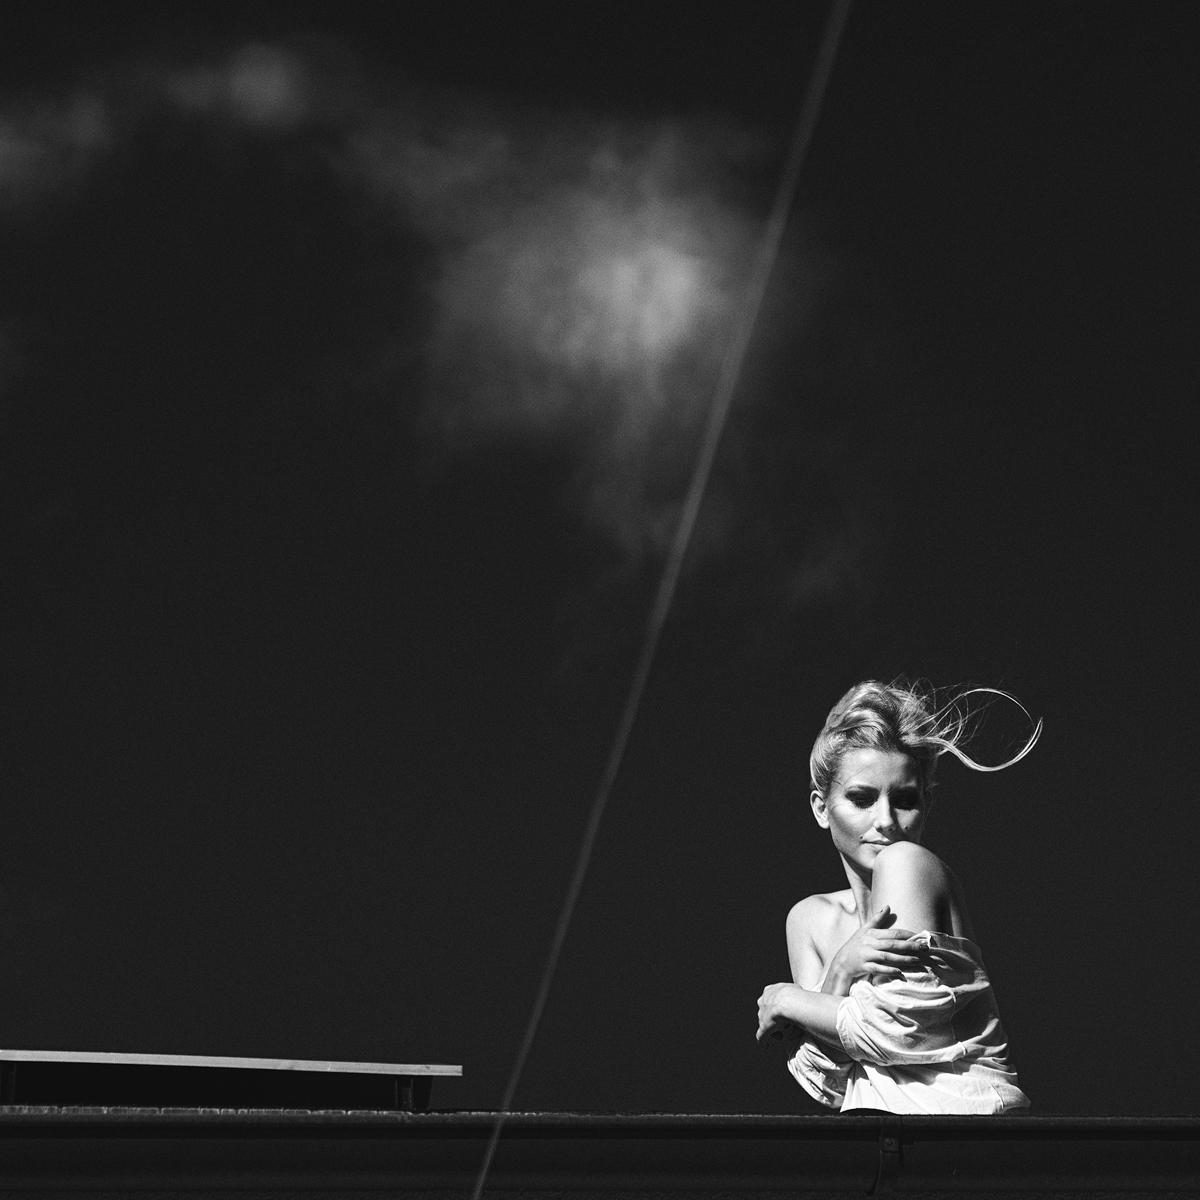 tami -2222- portrait #1 - srgb